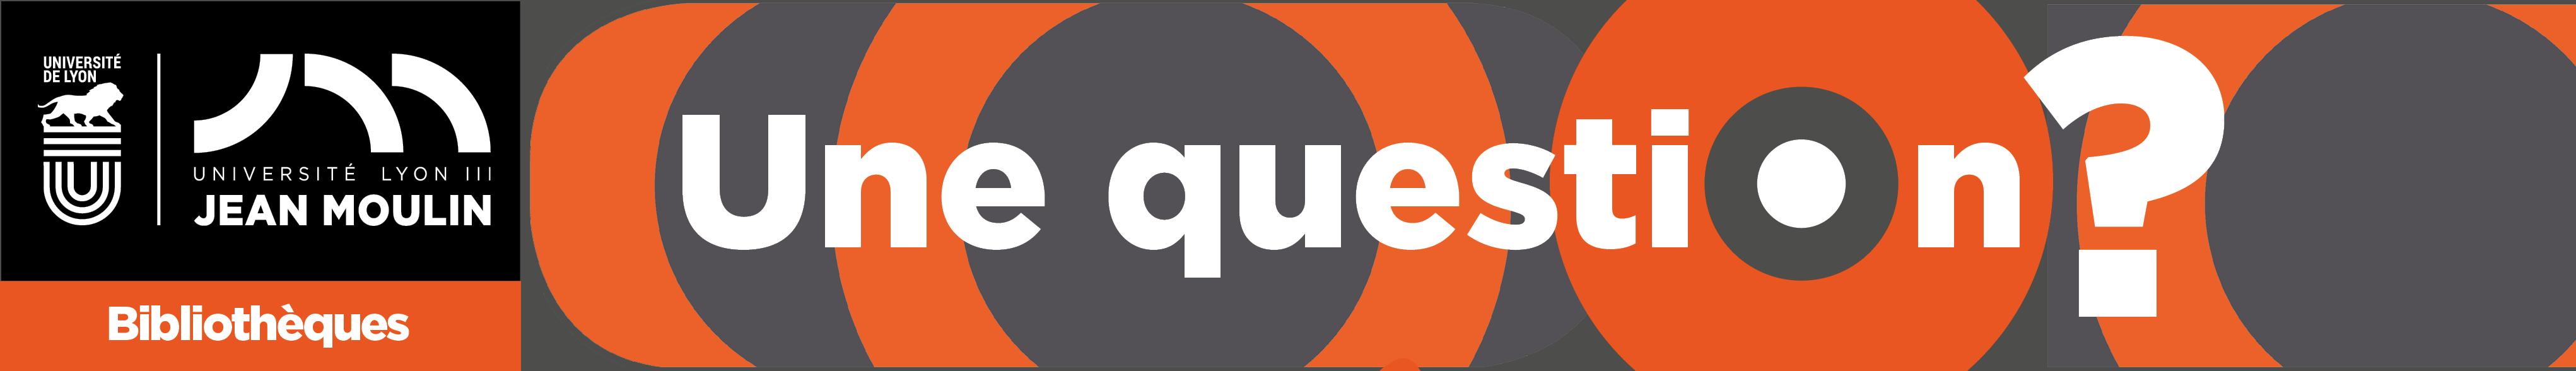 Service de Questions-Réponses des BU de Lyon 3